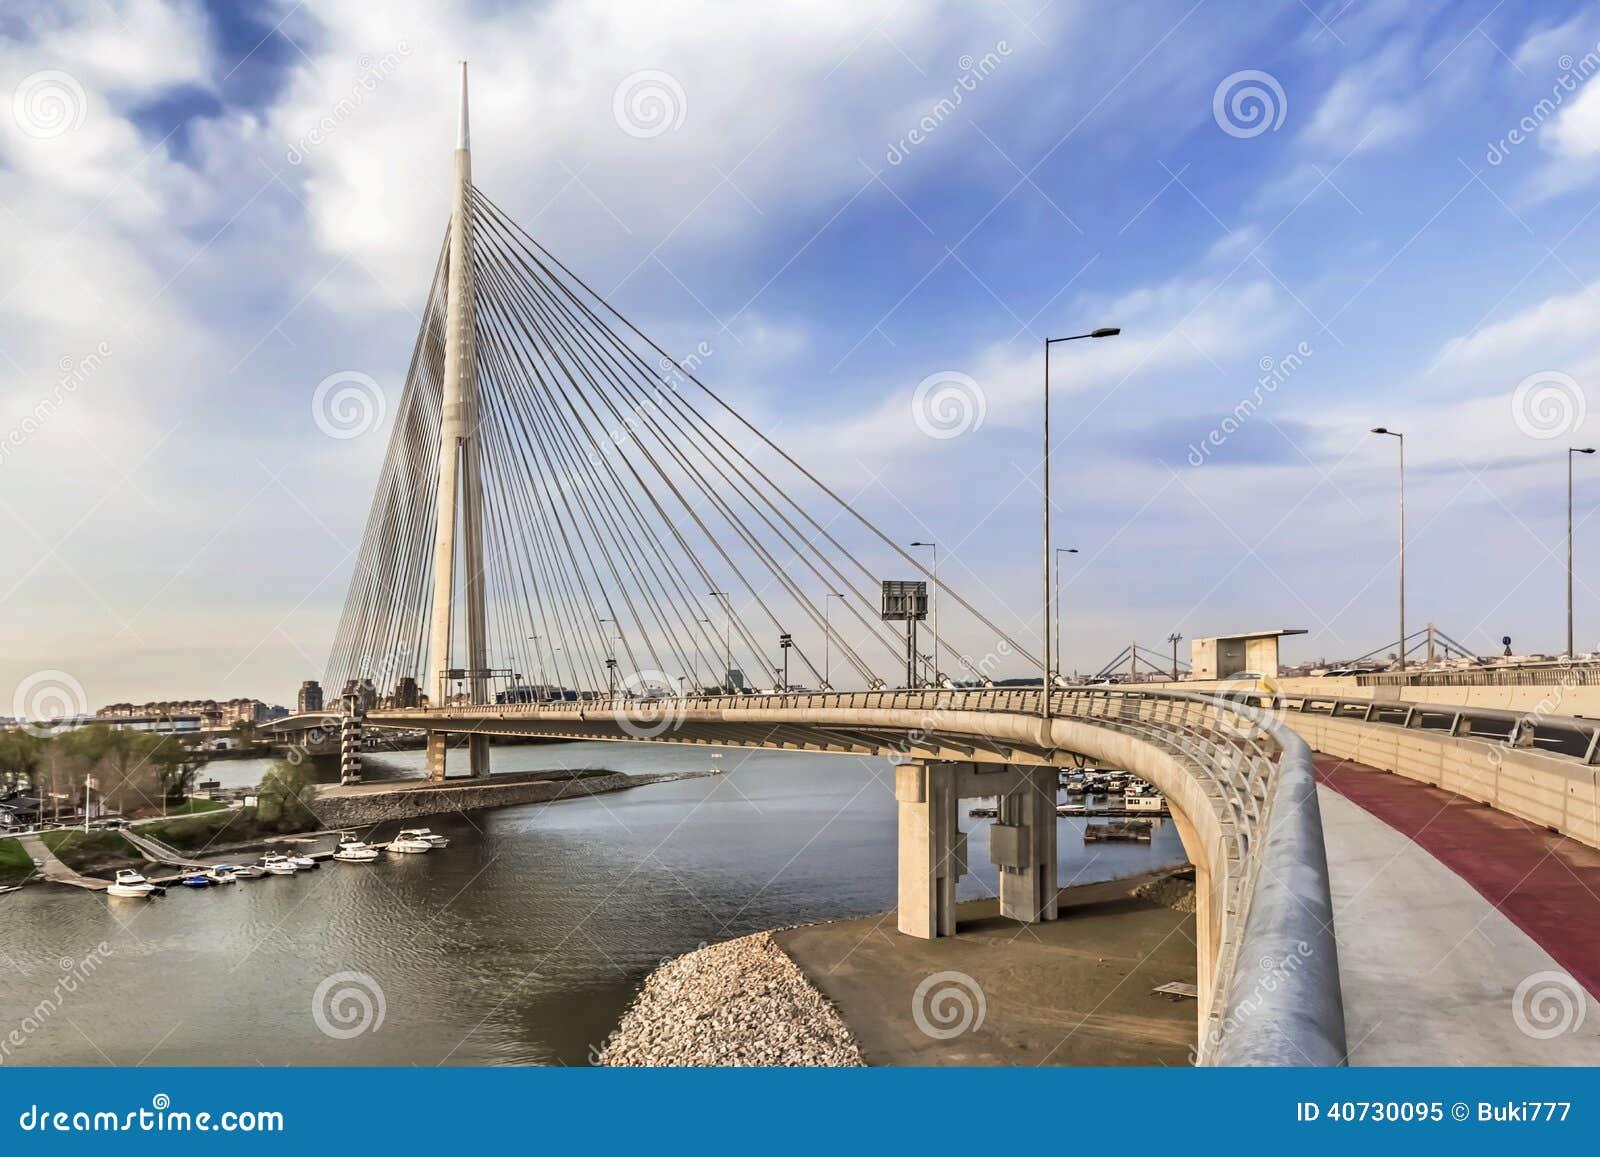 在ada定向塔在黄昏-贝尔格莱德-塞尔维亚的吊桥